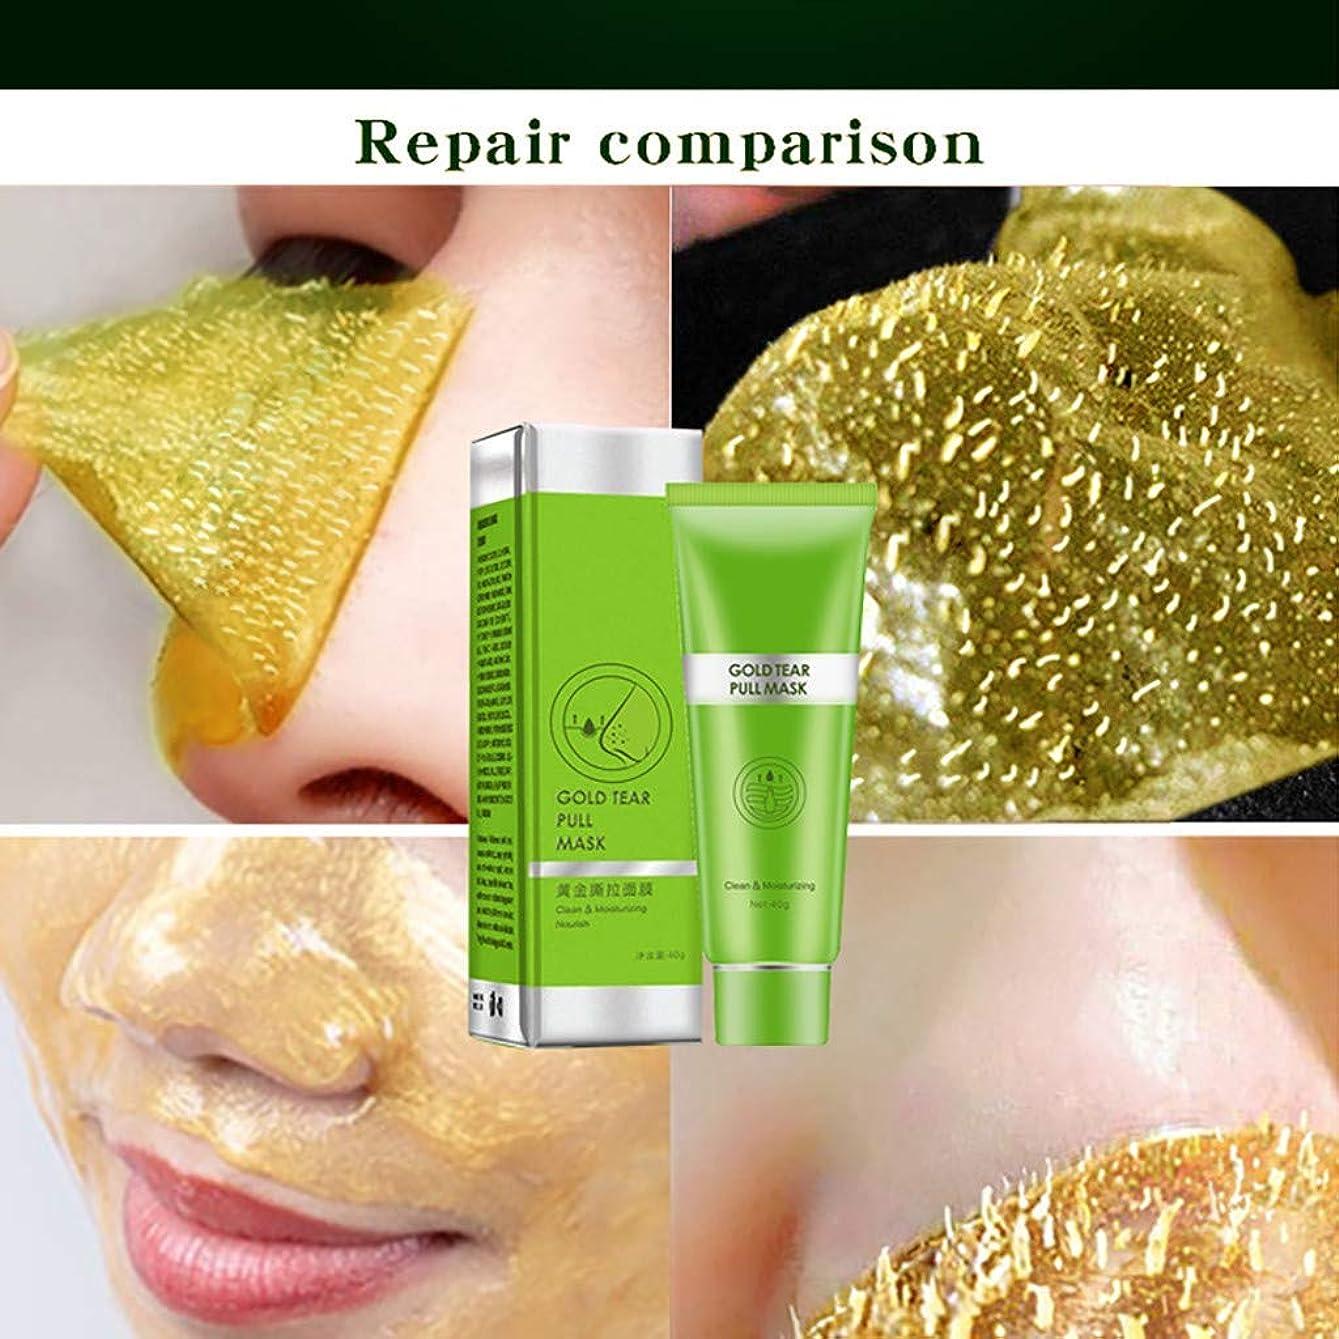 前部アグネスグレイカフェフェイスケアゴールドコラーゲンピールオフマスクゴールデンティアリングマスクディープクリーニングにきび除去筋肉保湿ピュアナリッシングシュリンクポア引き締めスキンケアFace Care Gold Collagen Peel off Mask Golden Tearing Mask Deep Cleaning Blackhead Acne Removal (2個/2Pcs)